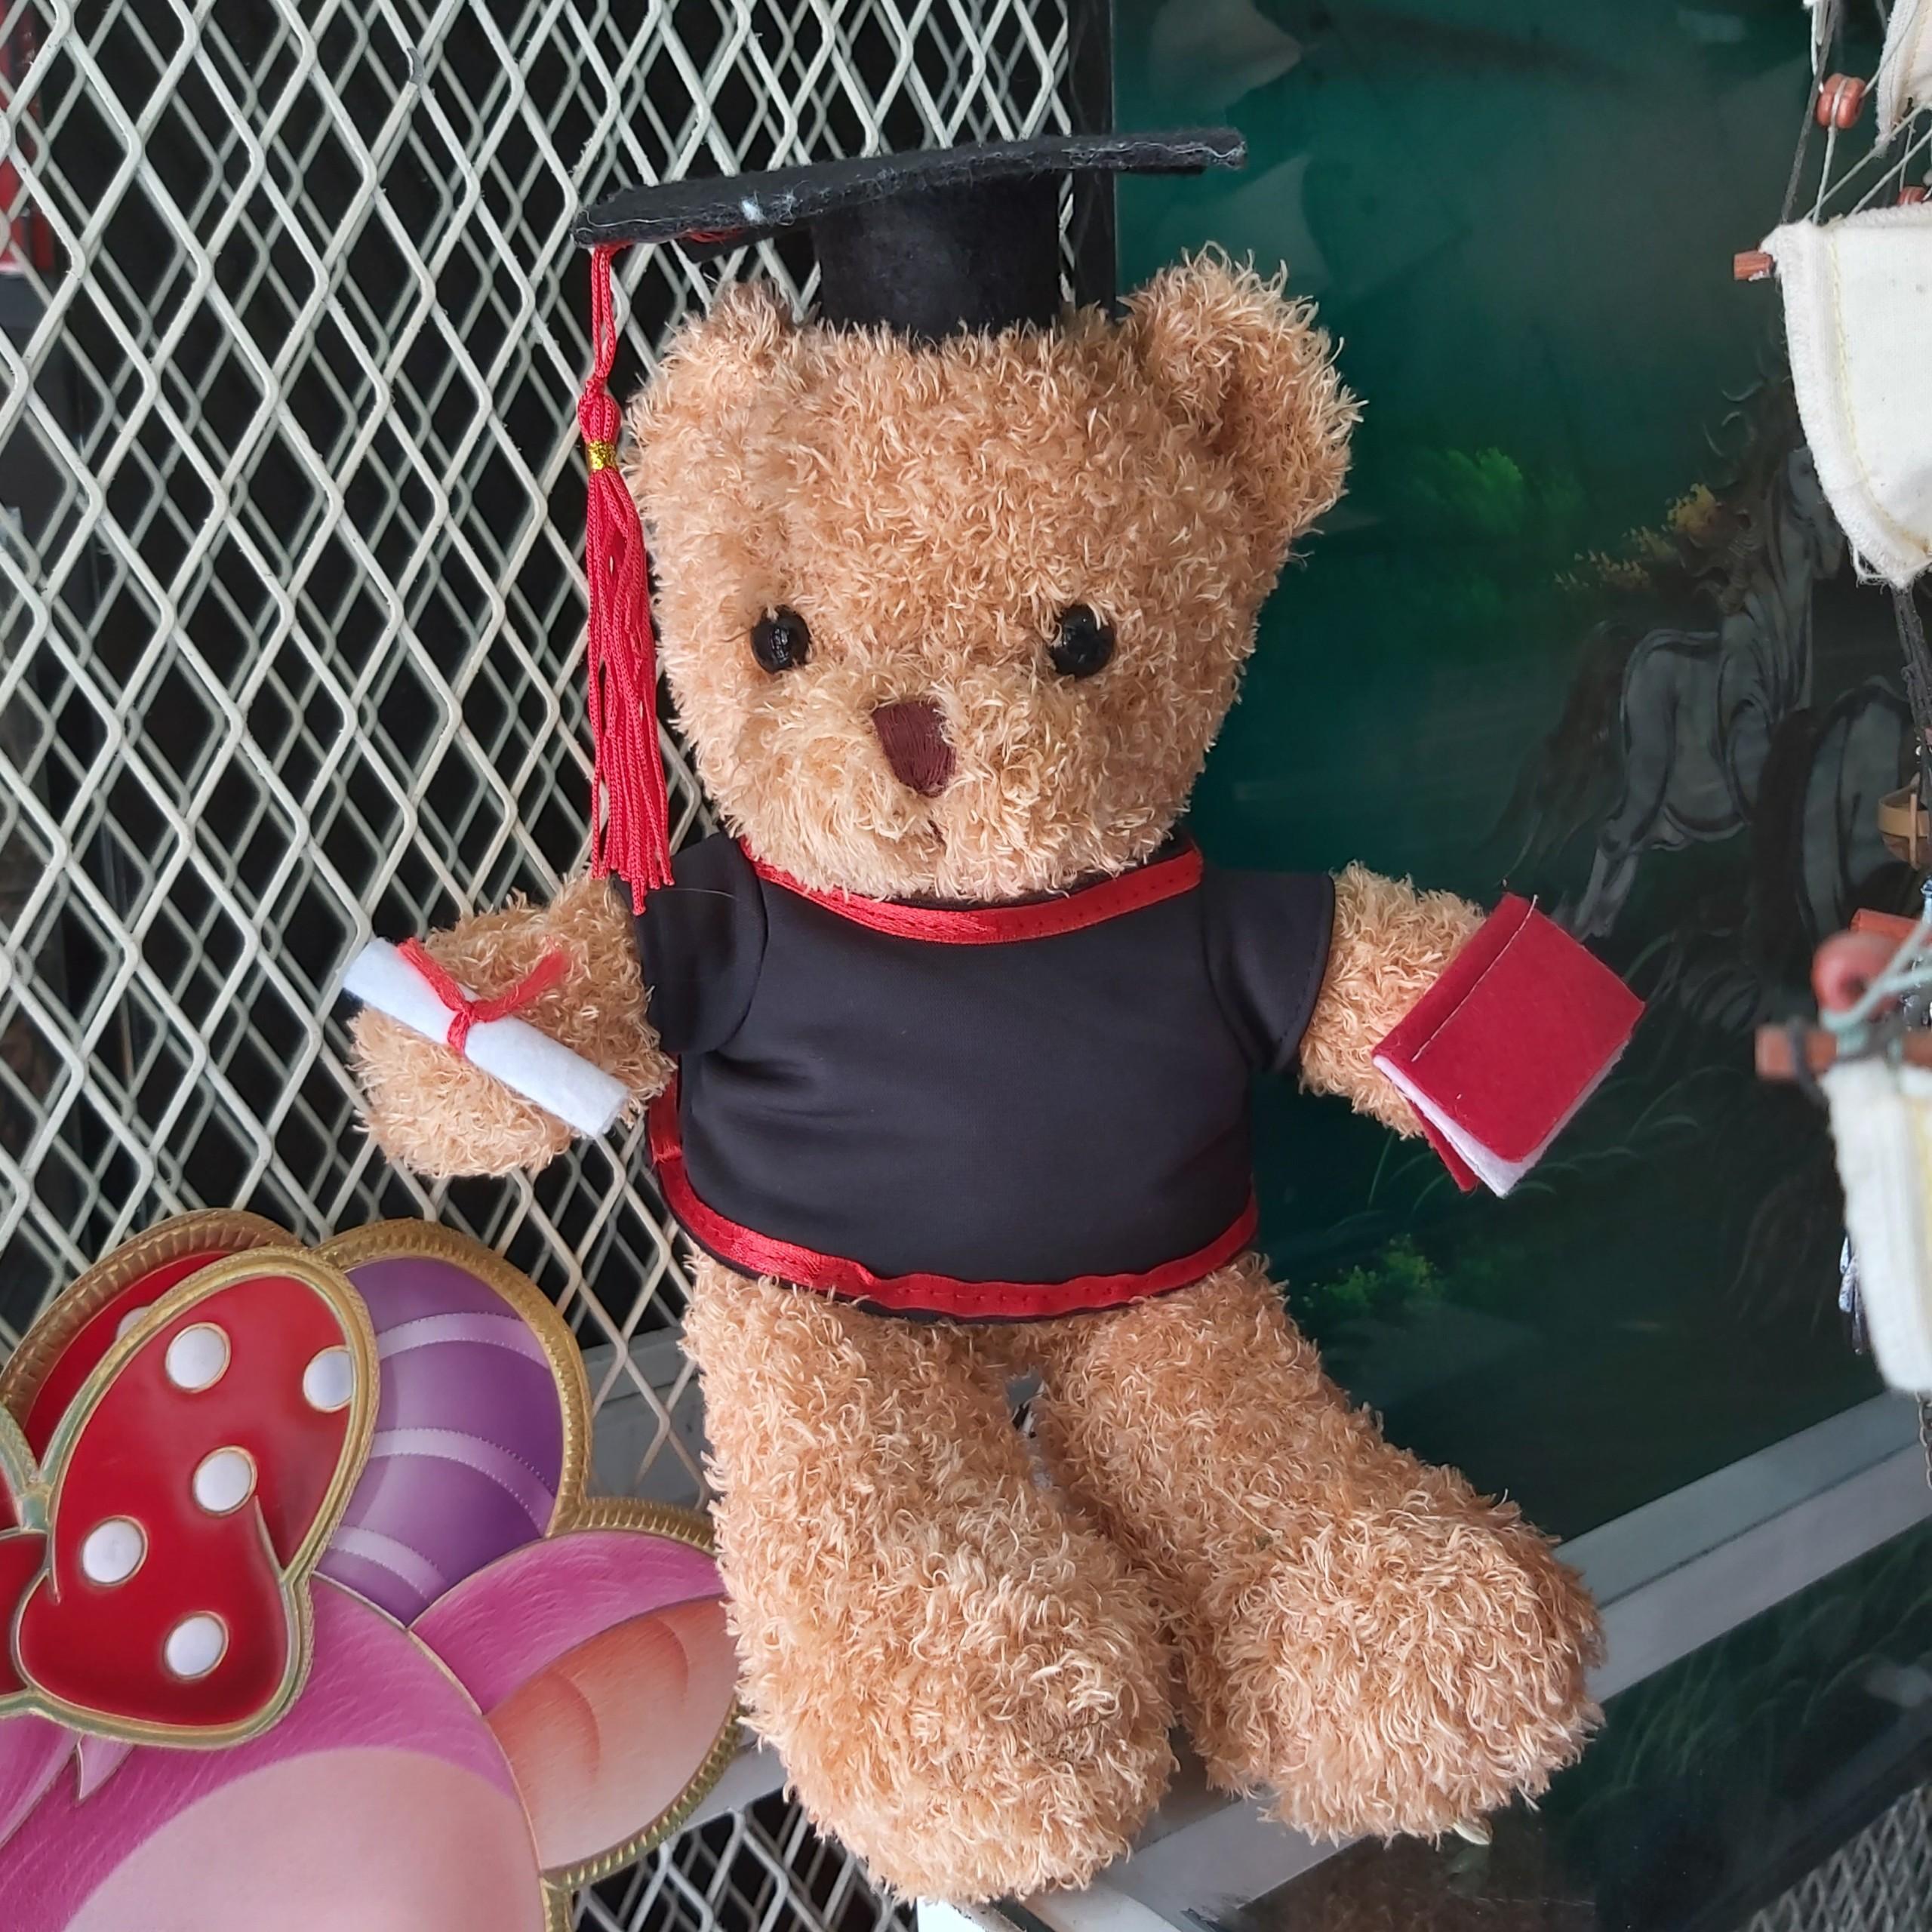 Gấu nâu tốt nghiệp-qua tặng tốt nghiệp.gói quà miển phí QTN-GBL01